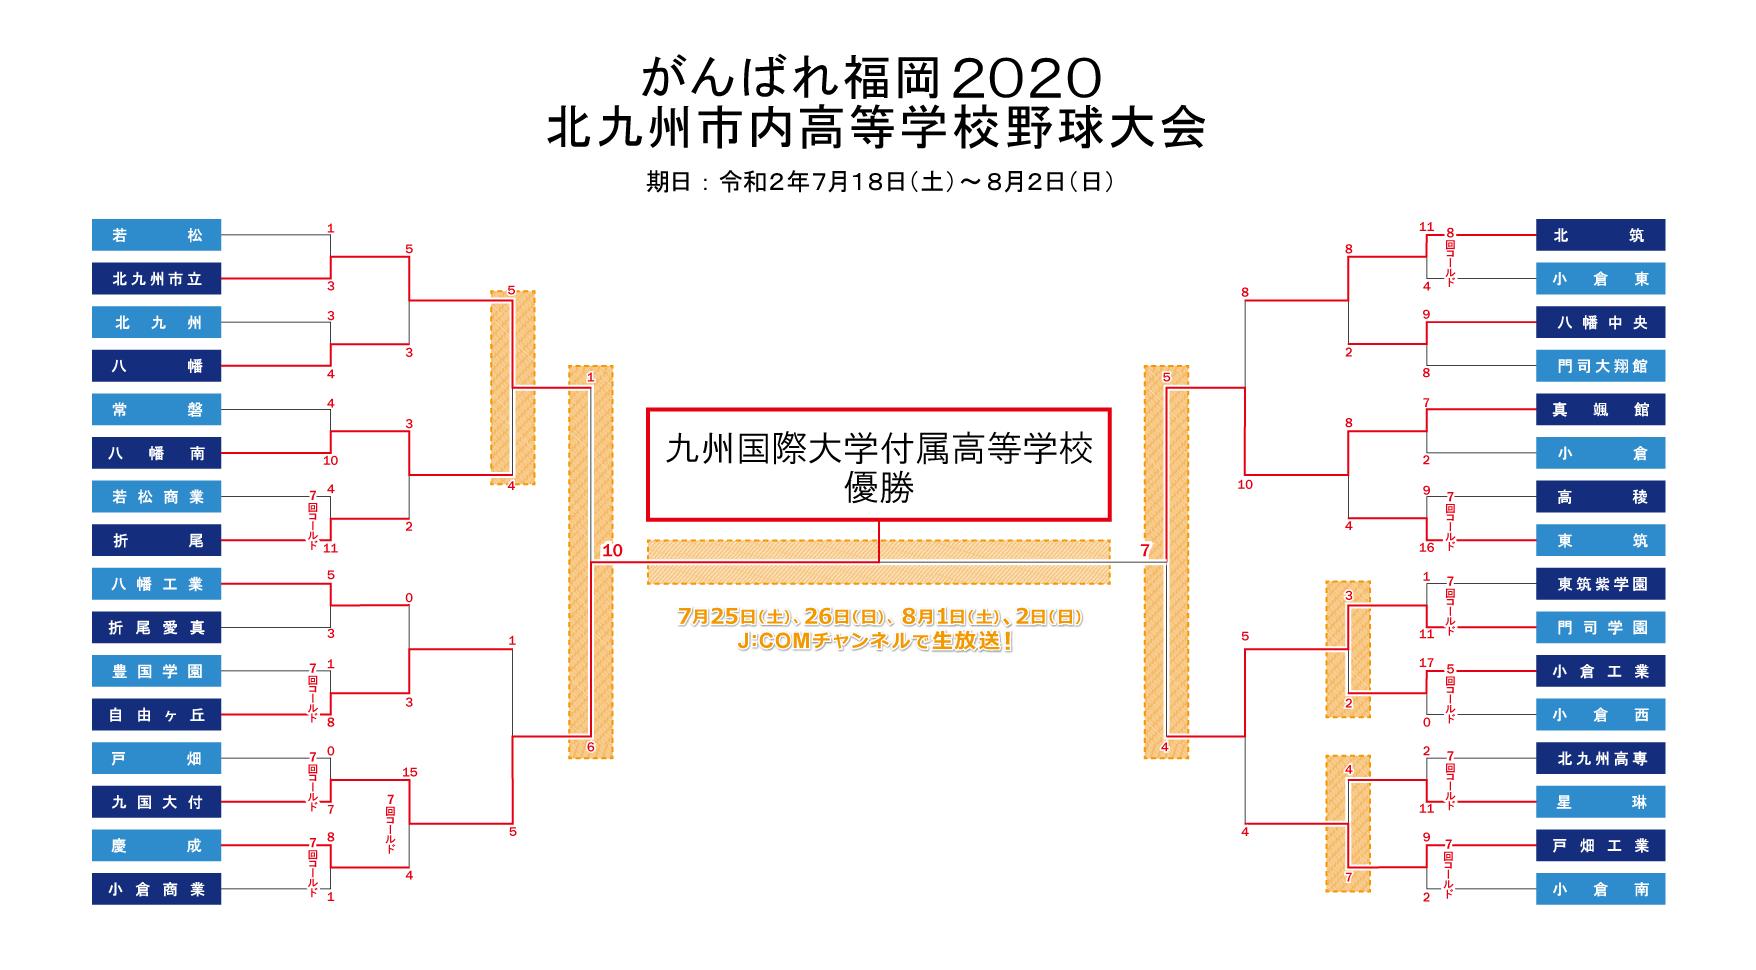 2020 速報 大会 高校 野球 大阪